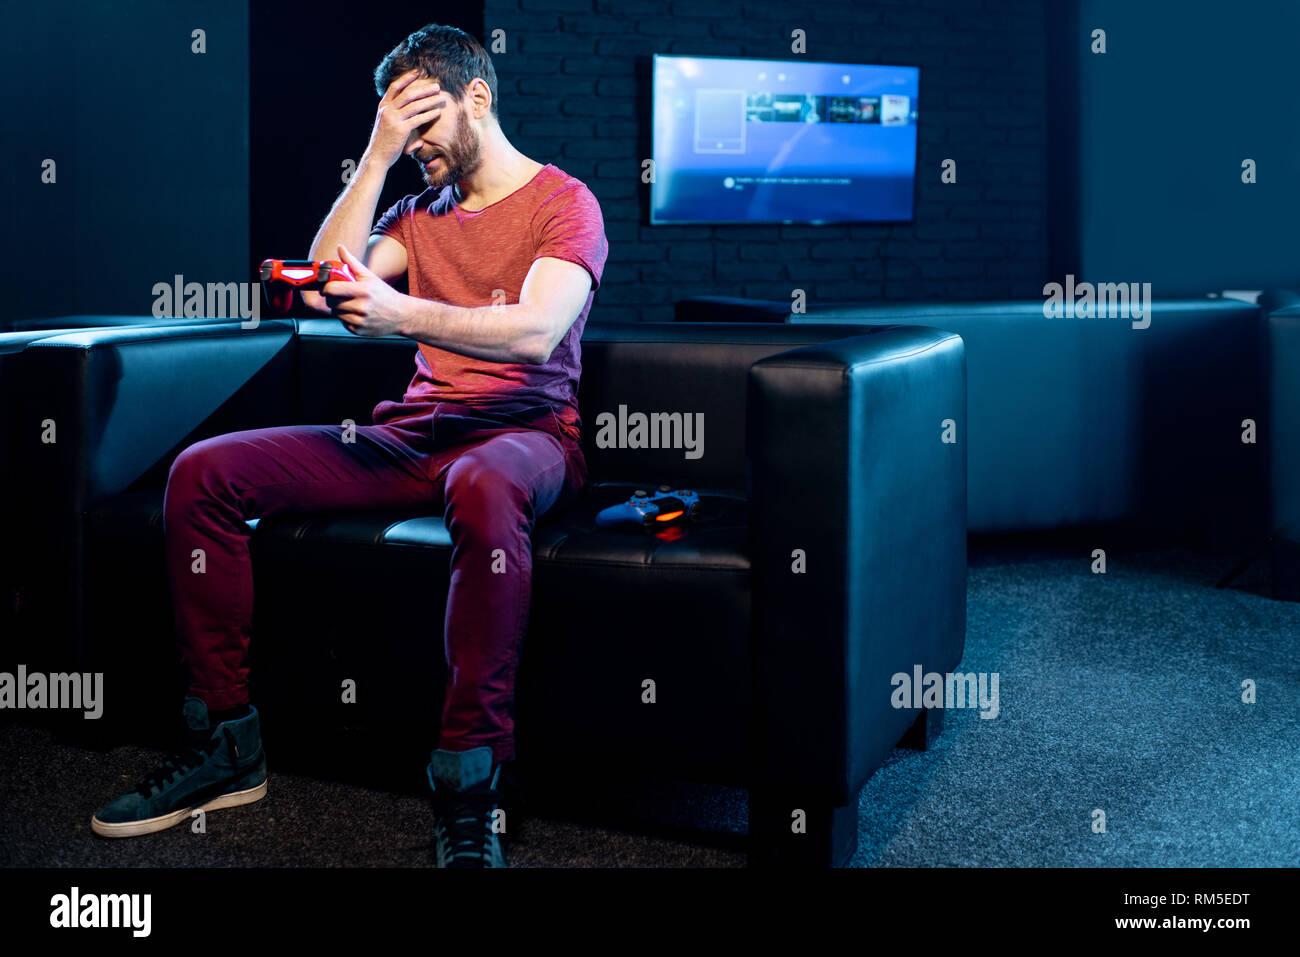 El hombre pierde en video juego sentado en el sofá con la ...